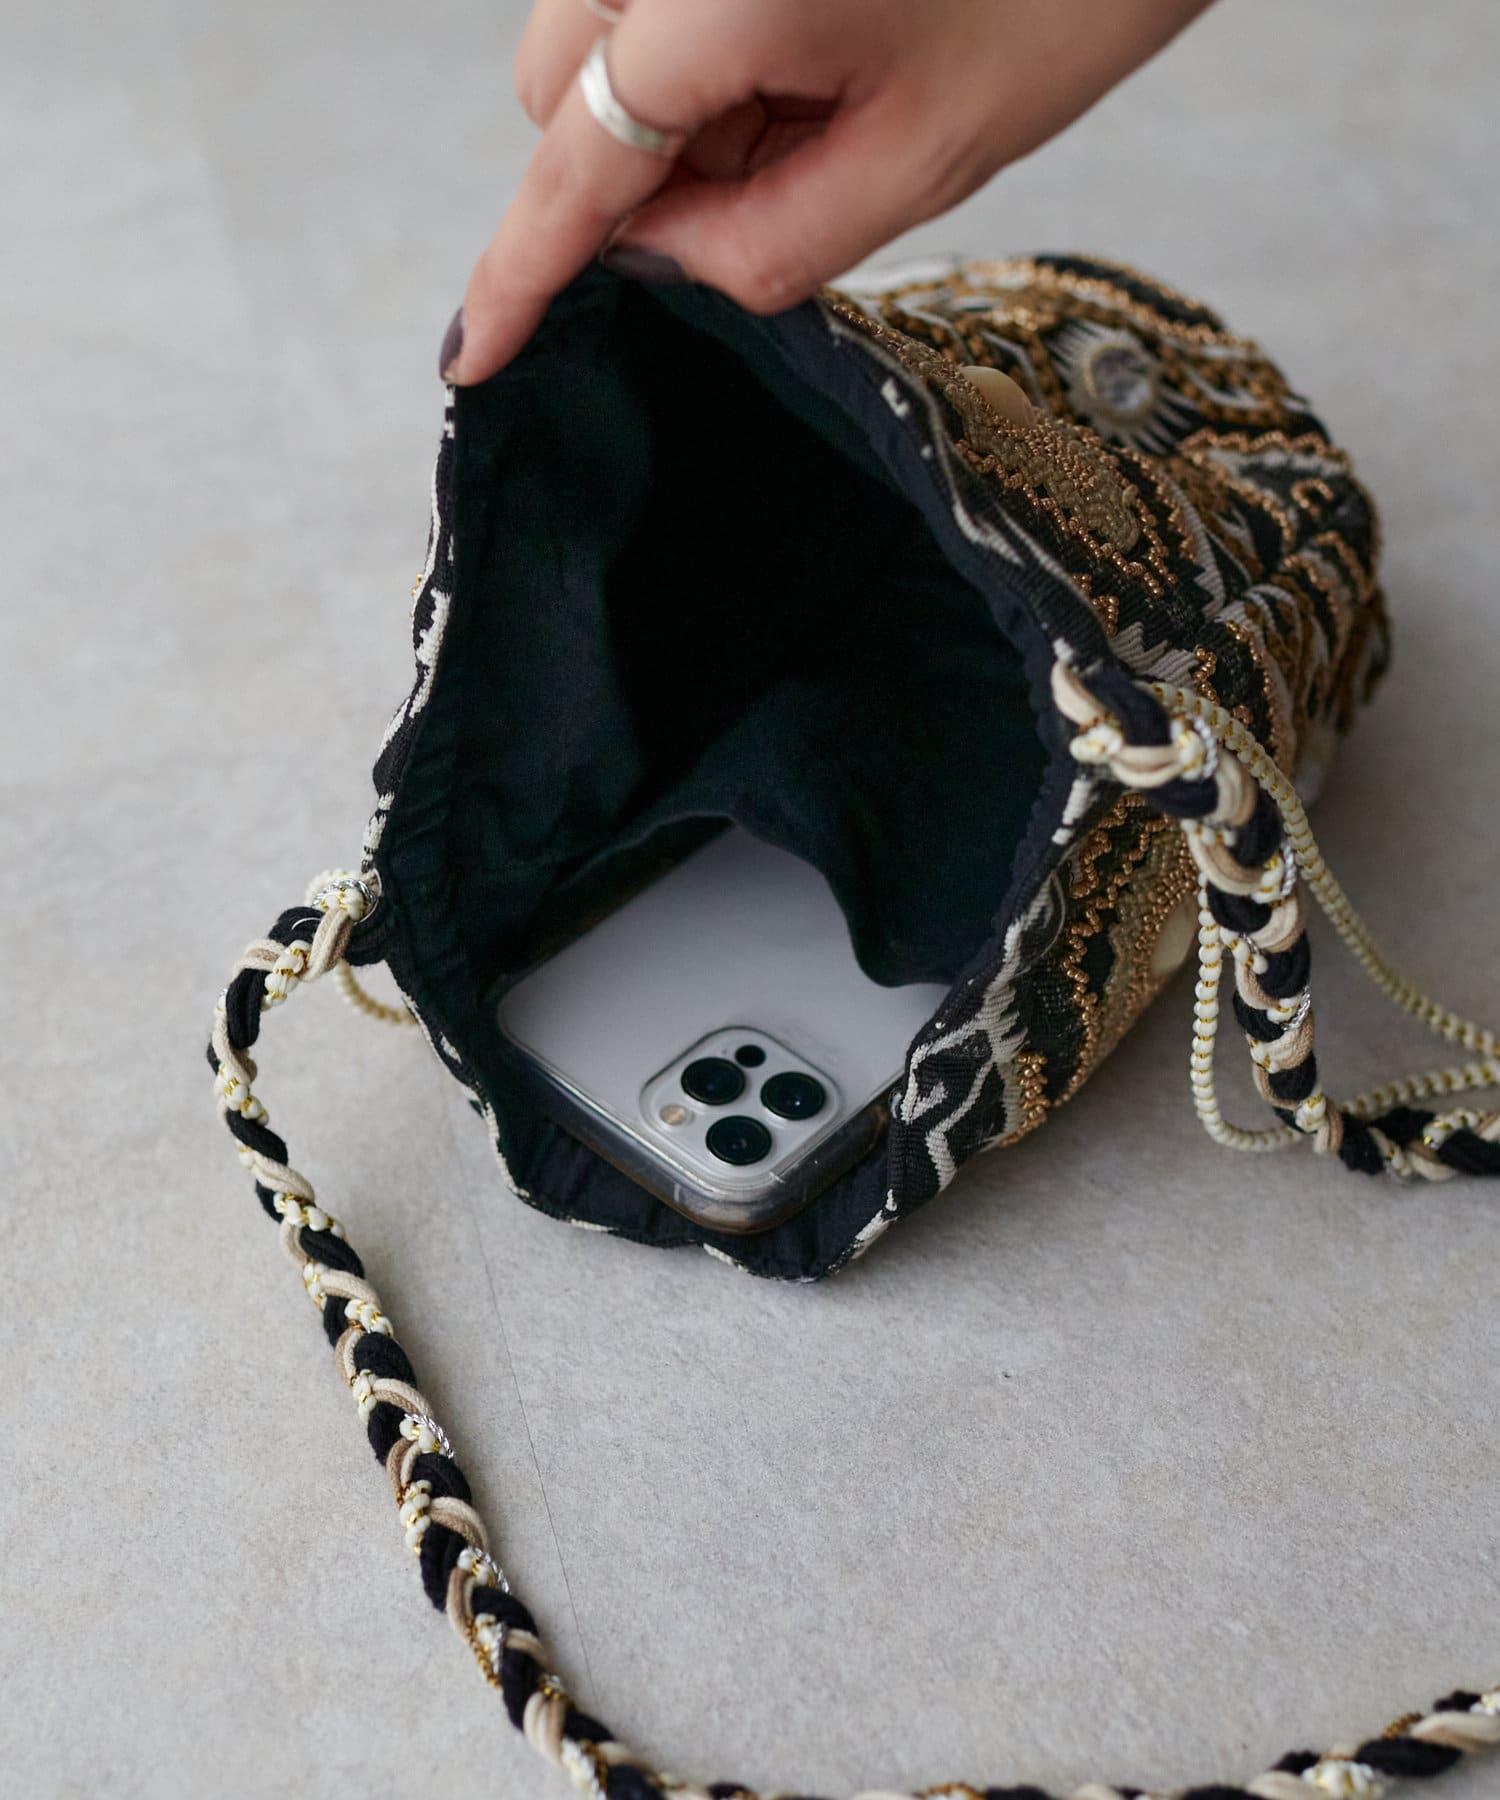 Discoat(ディスコート) ジャガードビーズ使い巾着ショルダーバッグ